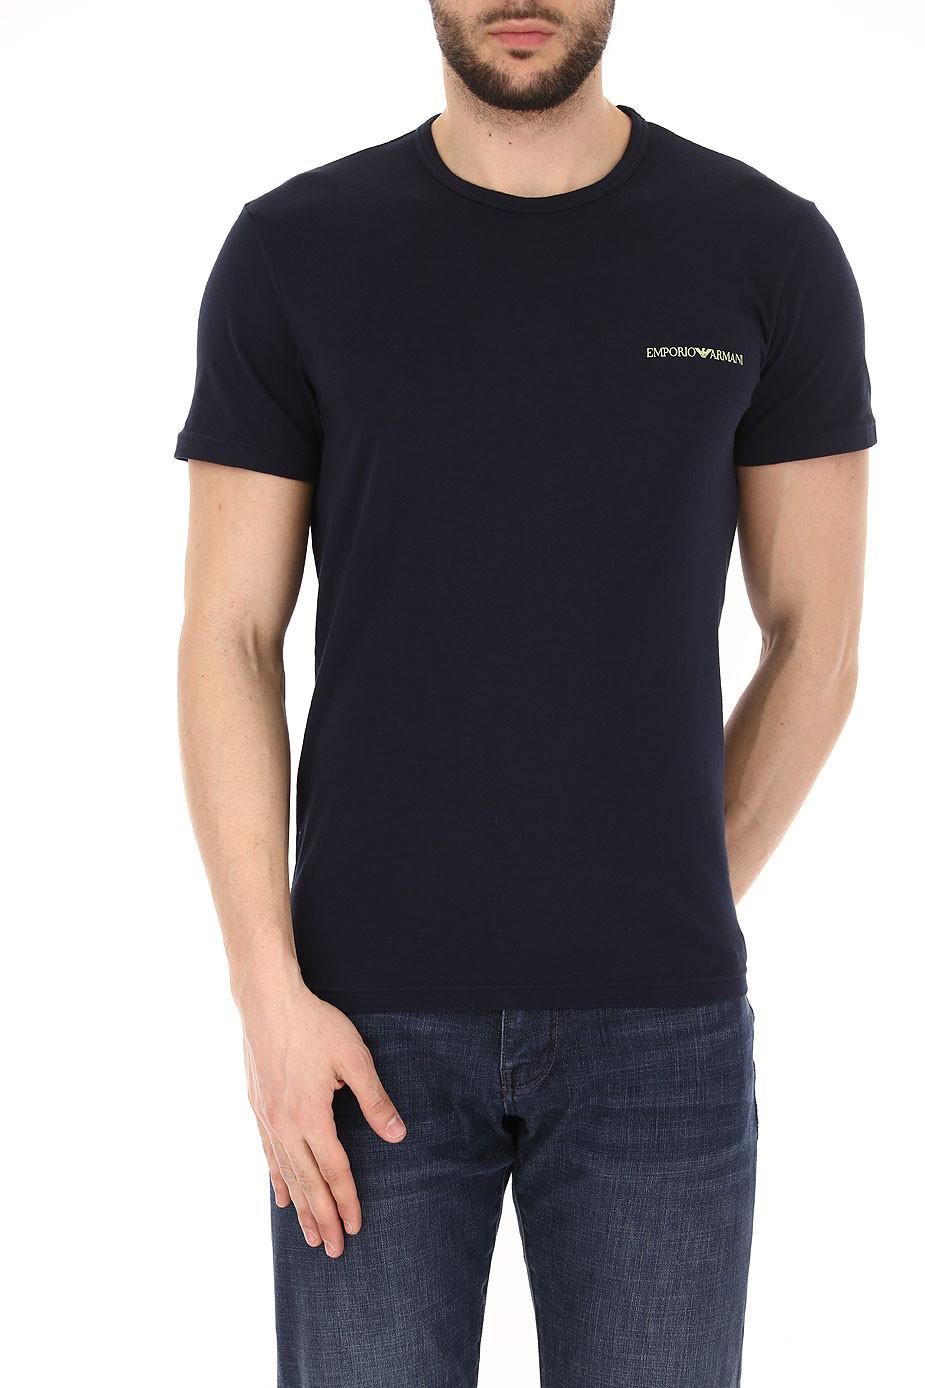 2205ea2ff5d9 EMPORIO ARMANI pánské trička 2 ks modrá marine 111267 8P717 27435 ...